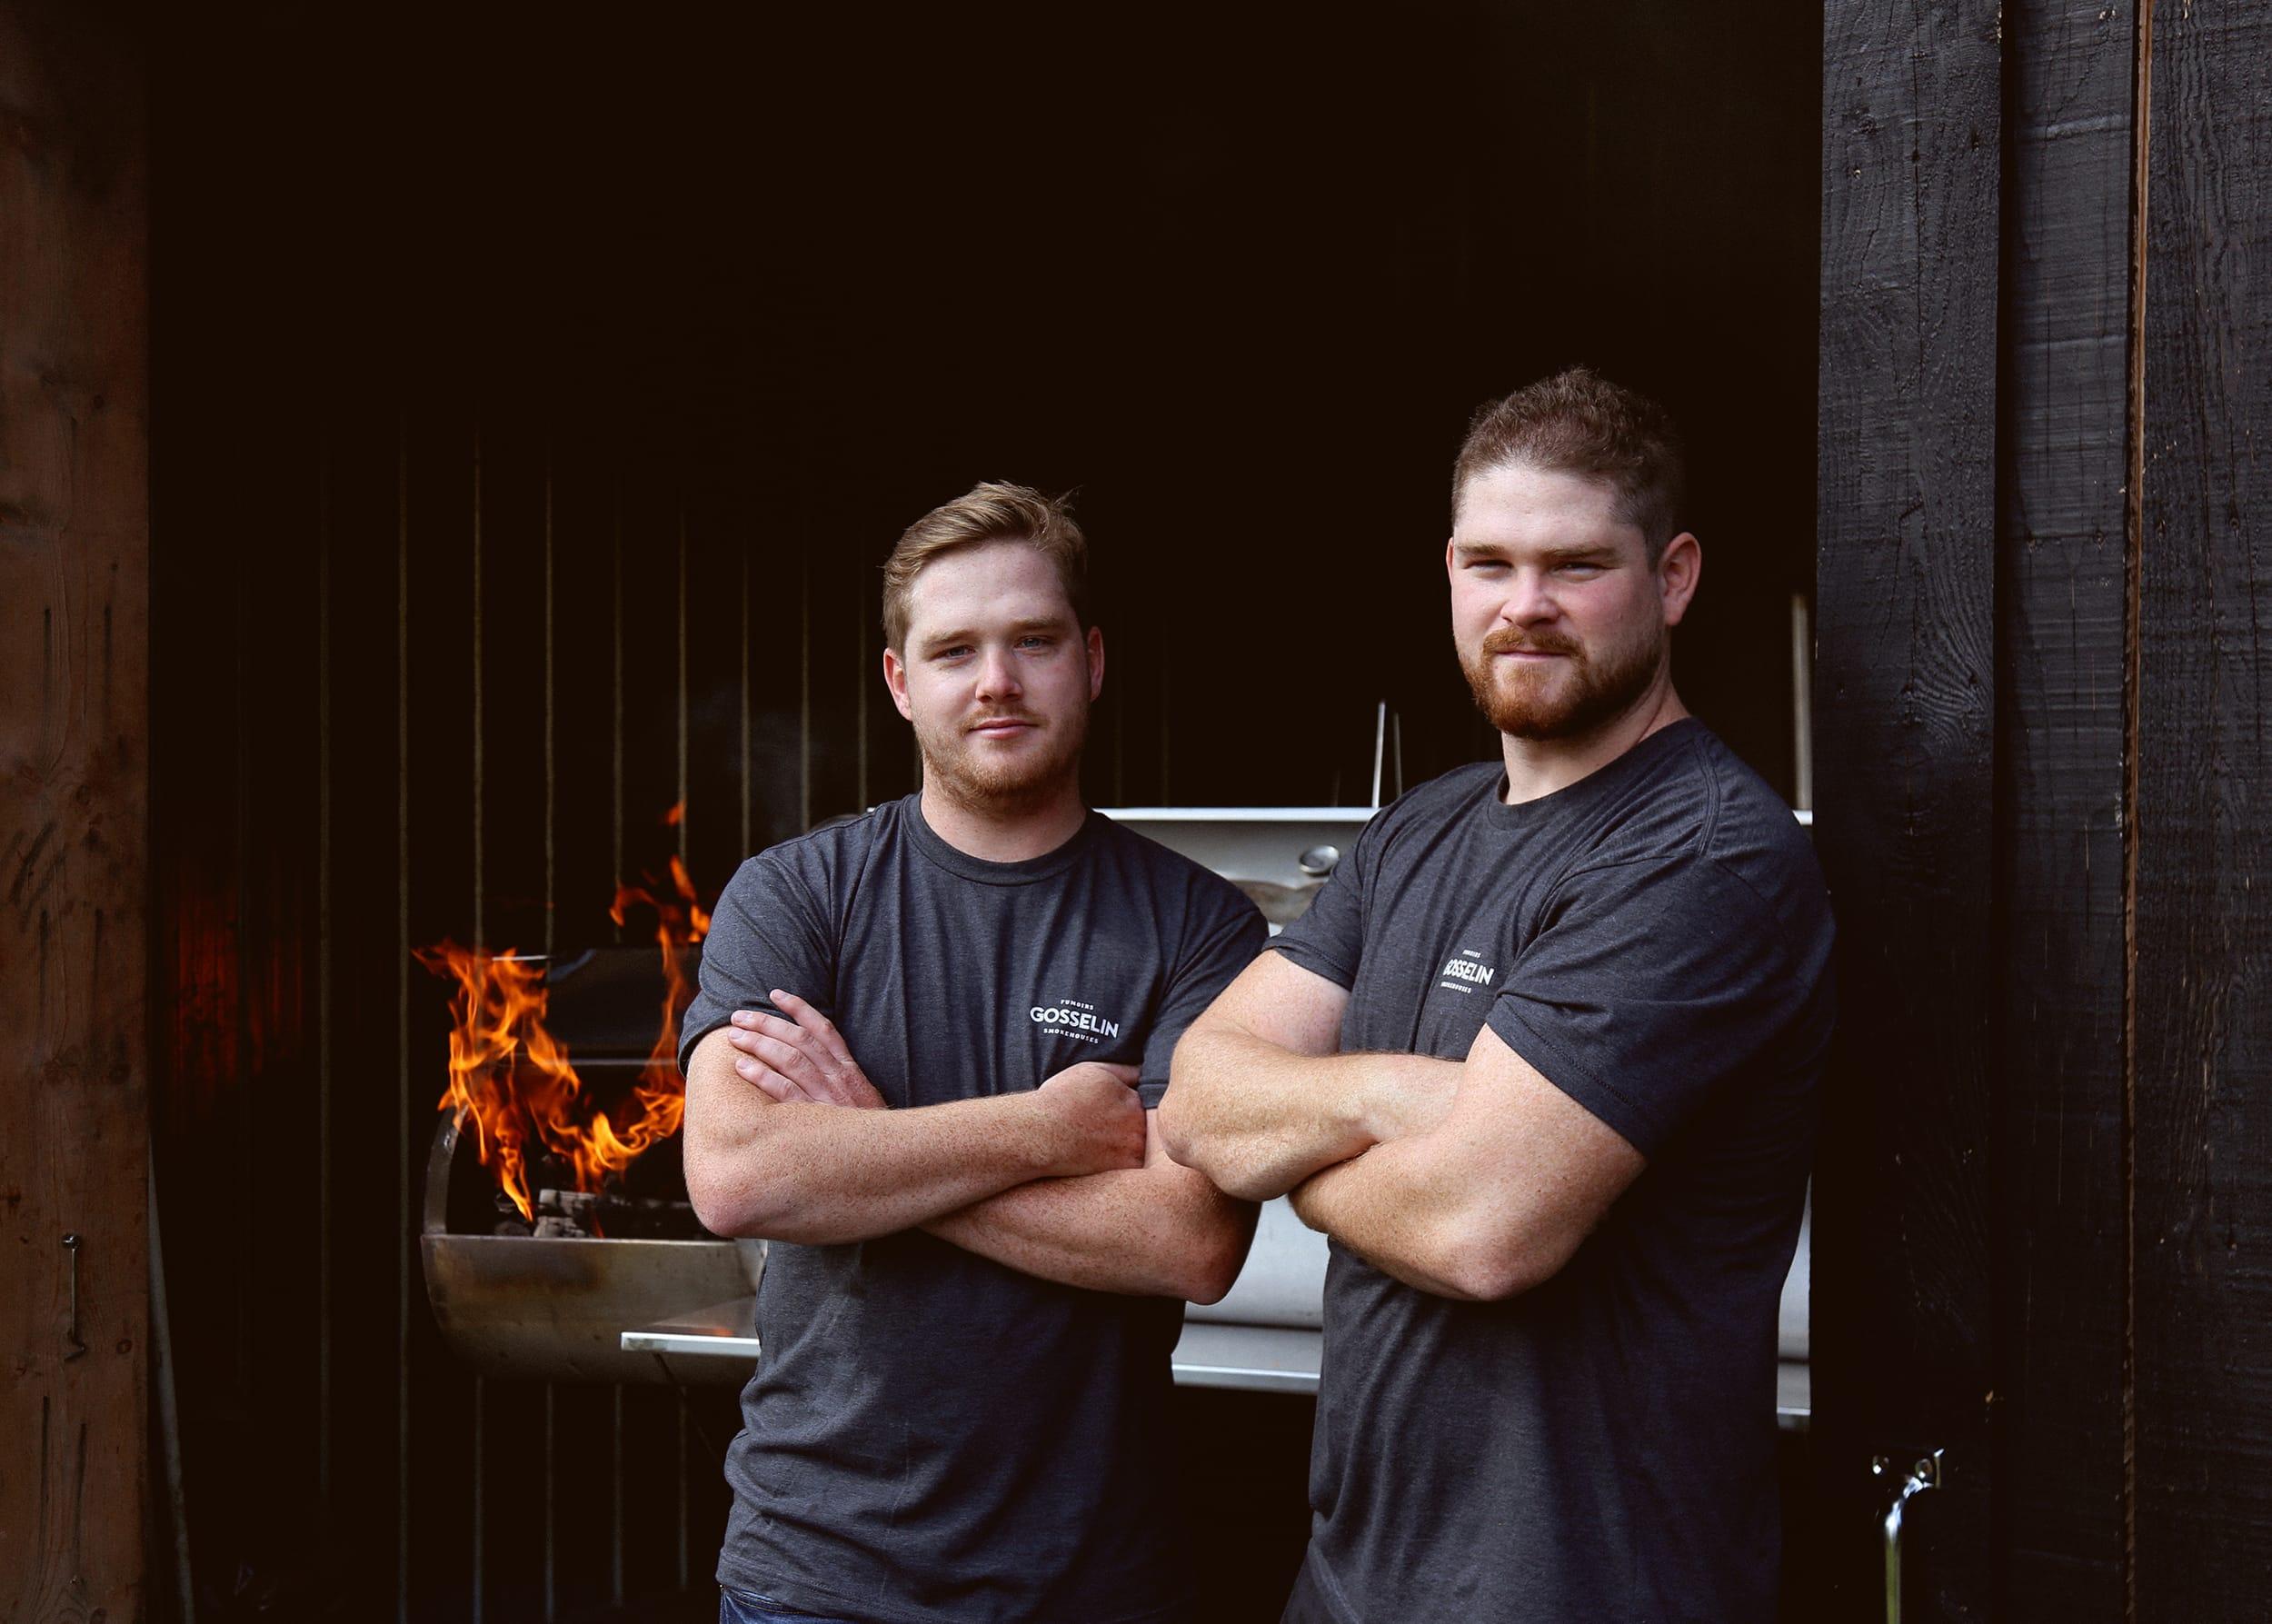 Les deux frères Gosselin posant devant un fumoir